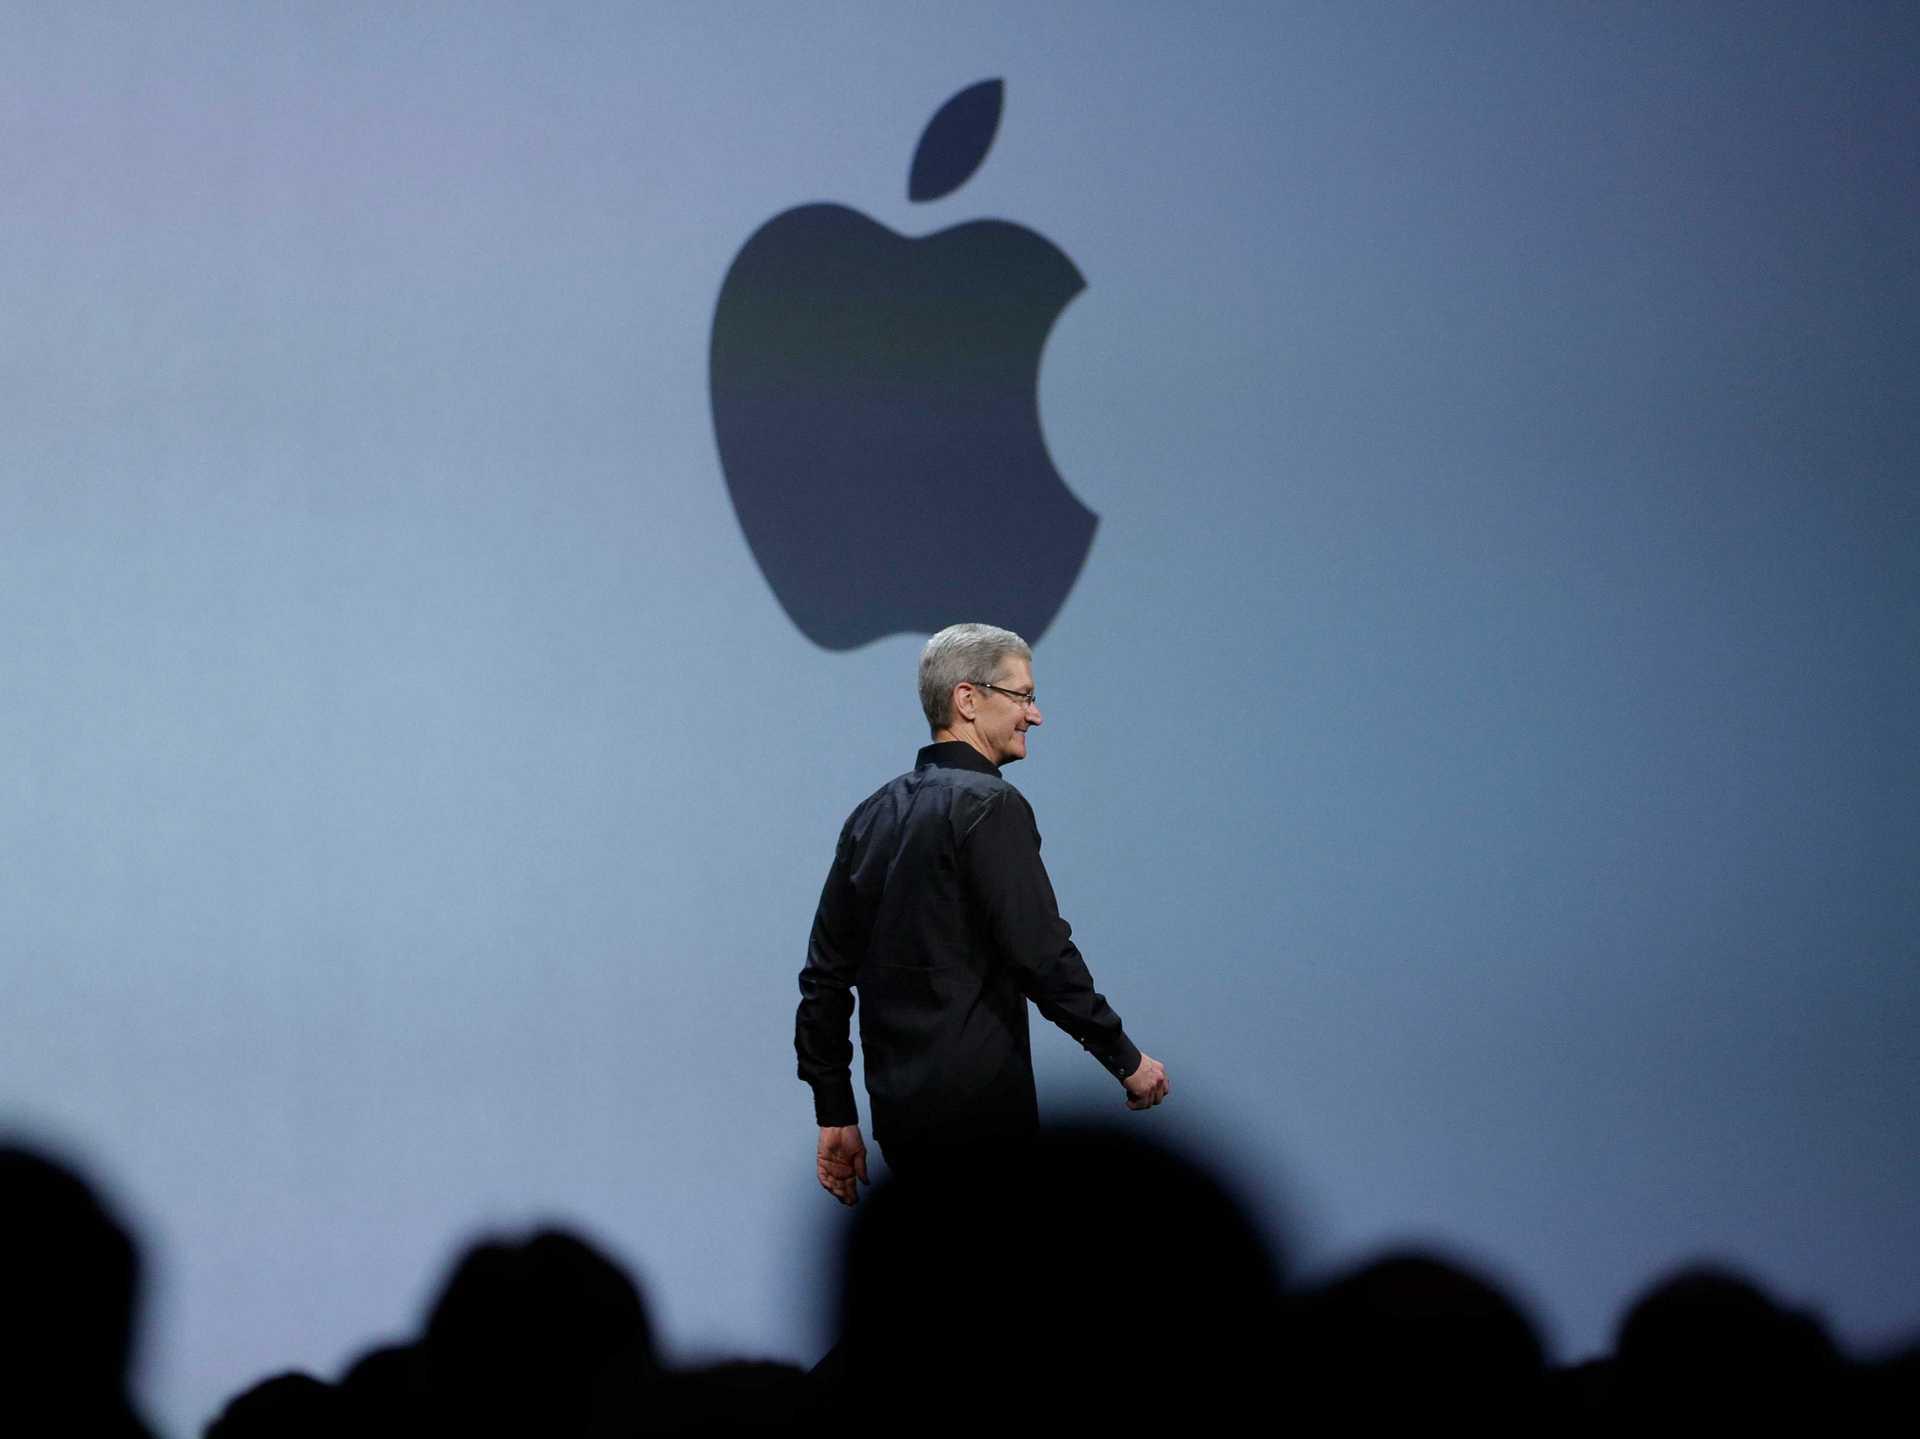 Nuevo iPhone 5s fecha